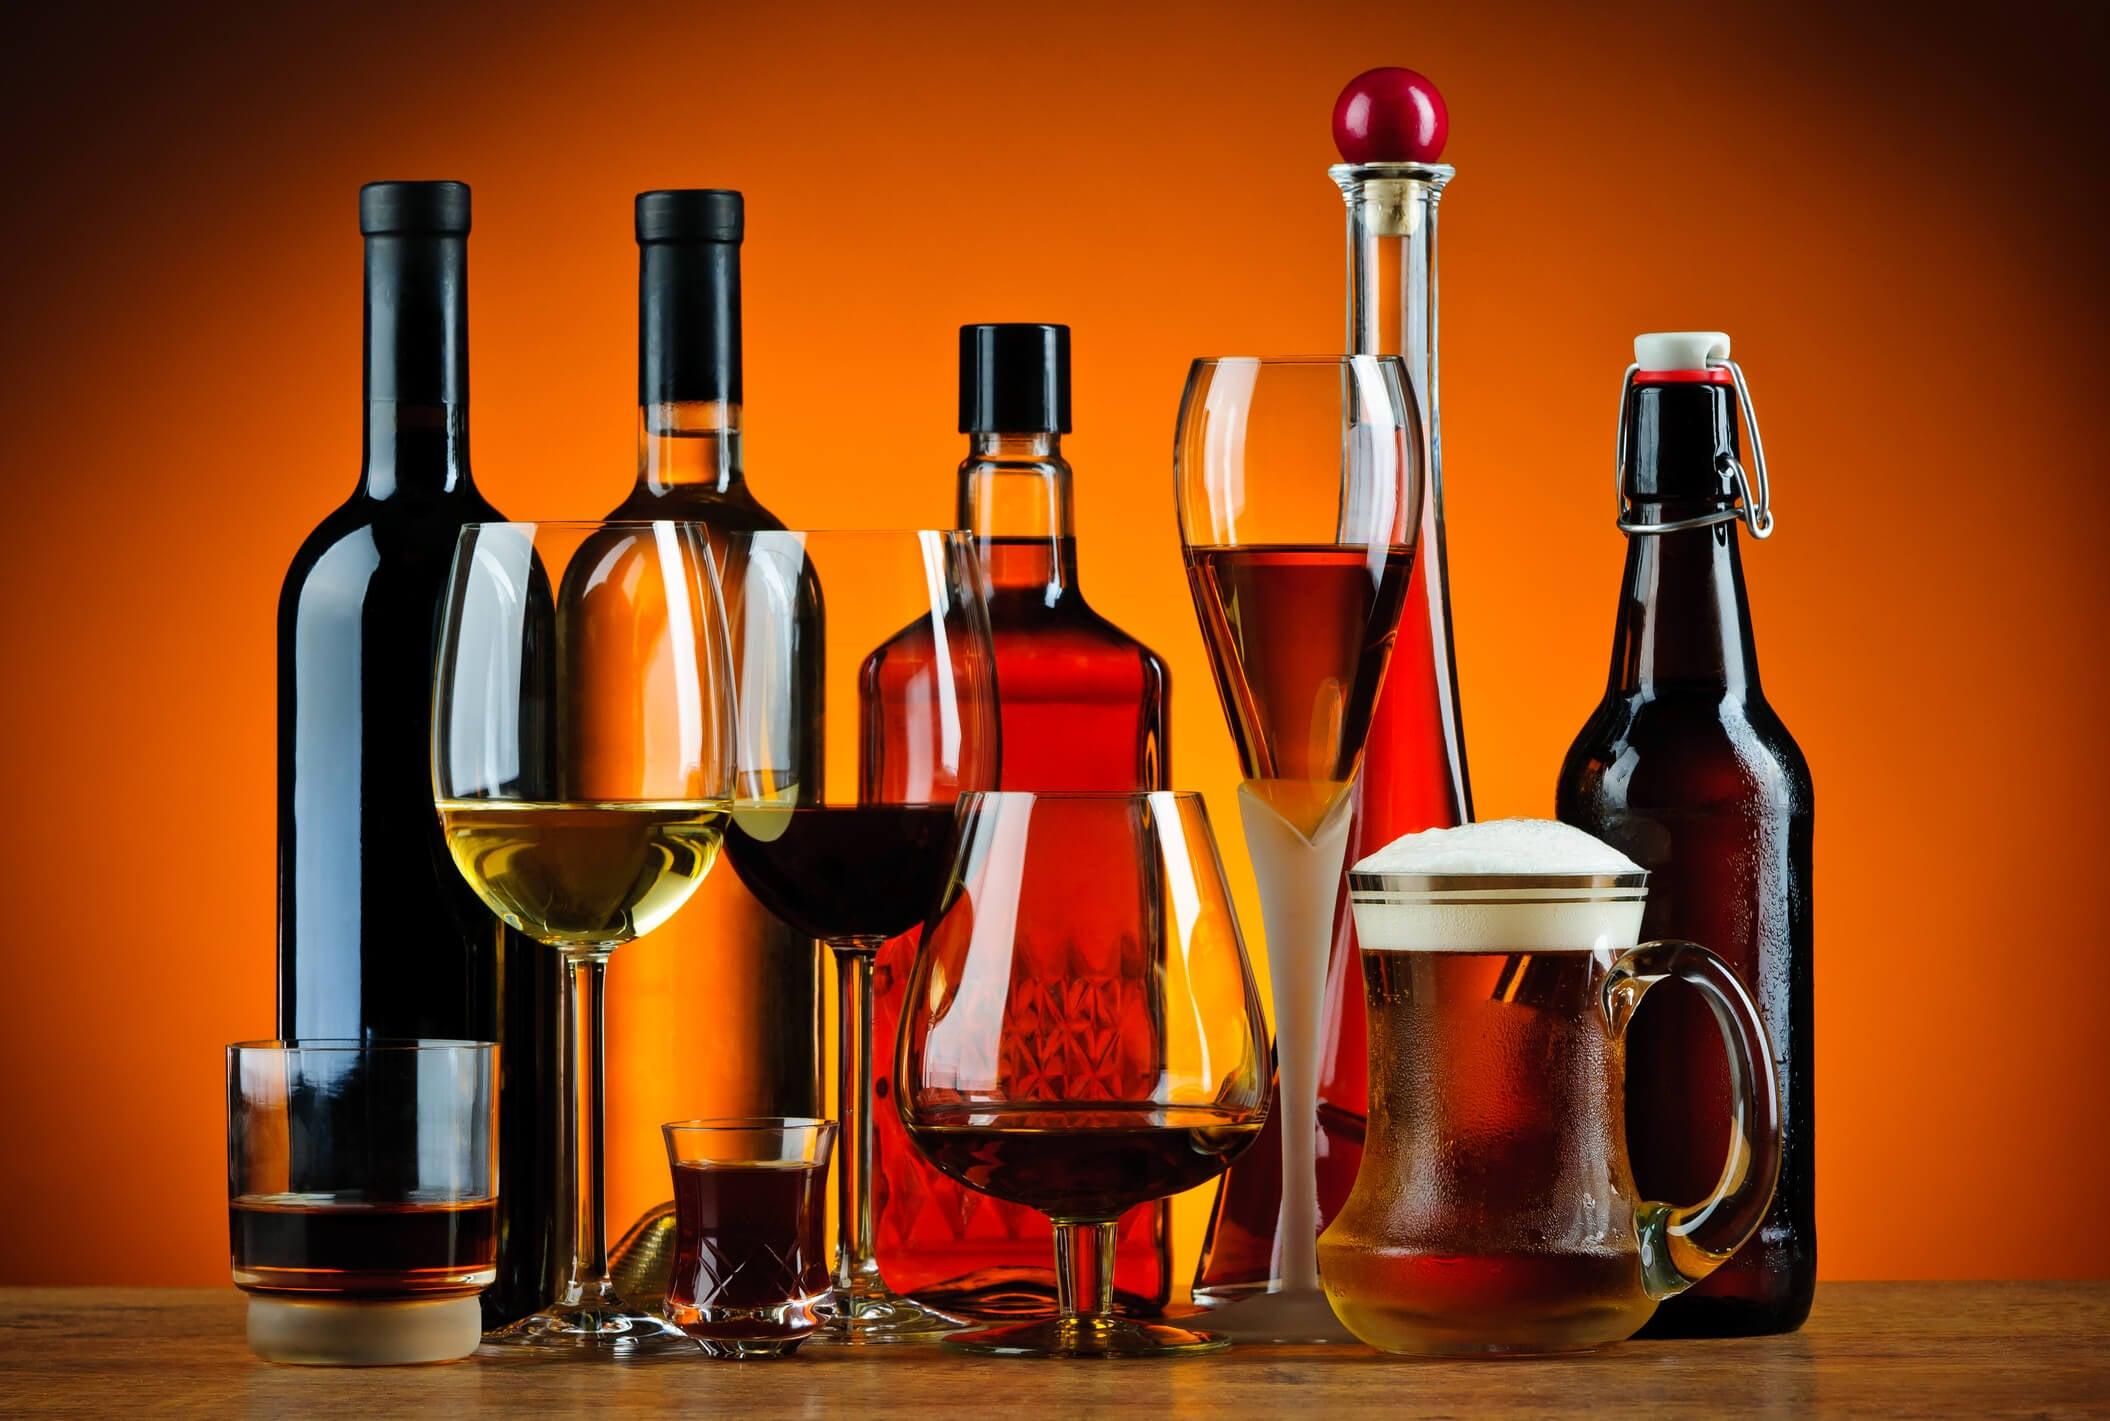 शराब के अपने स्टॉक की रोज़ाना जांच करना यह दर्शाता है कि आपको शराब की लत लग चुकी है